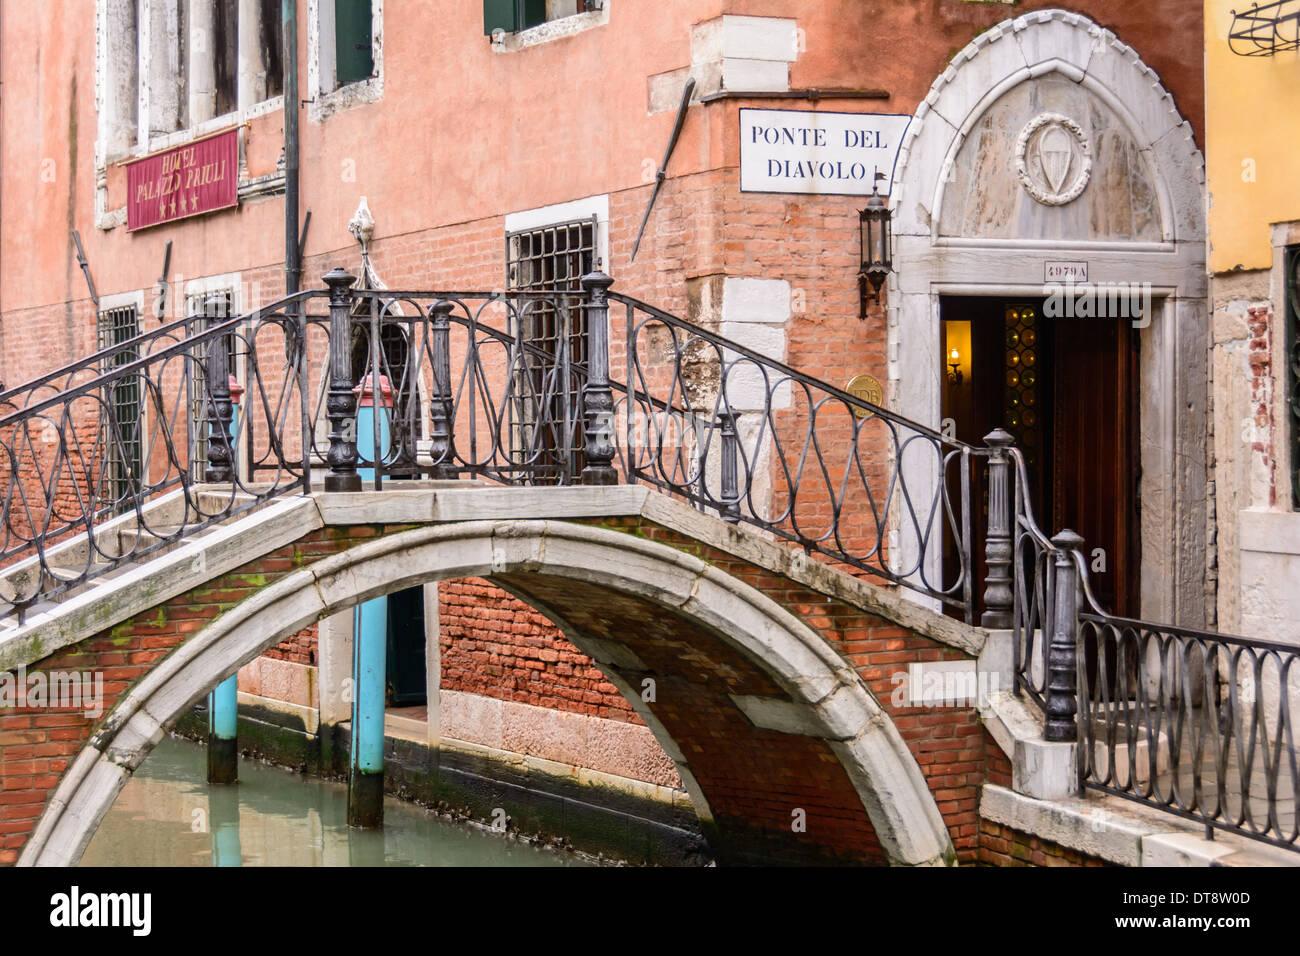 Venice, Italy. Stock Photo